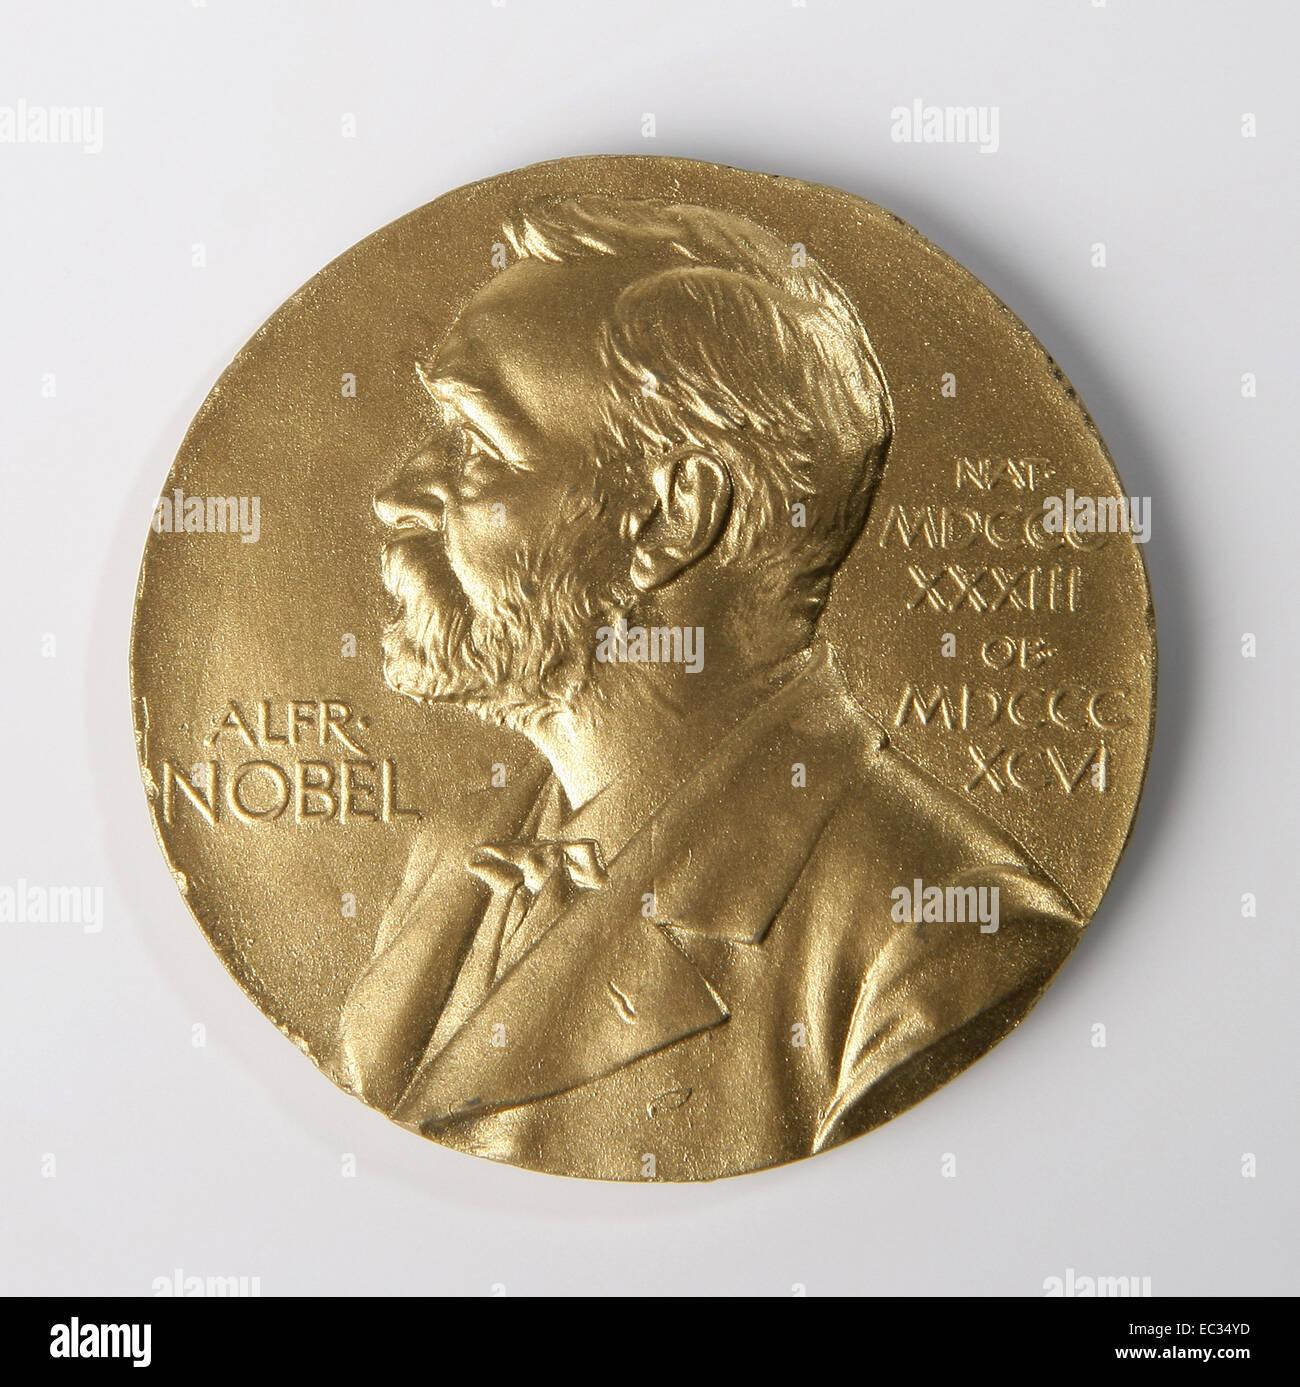 Nobel prize,Nobel,Prize,Medal,Alfred,Gold,Science,Front. - Stock Image